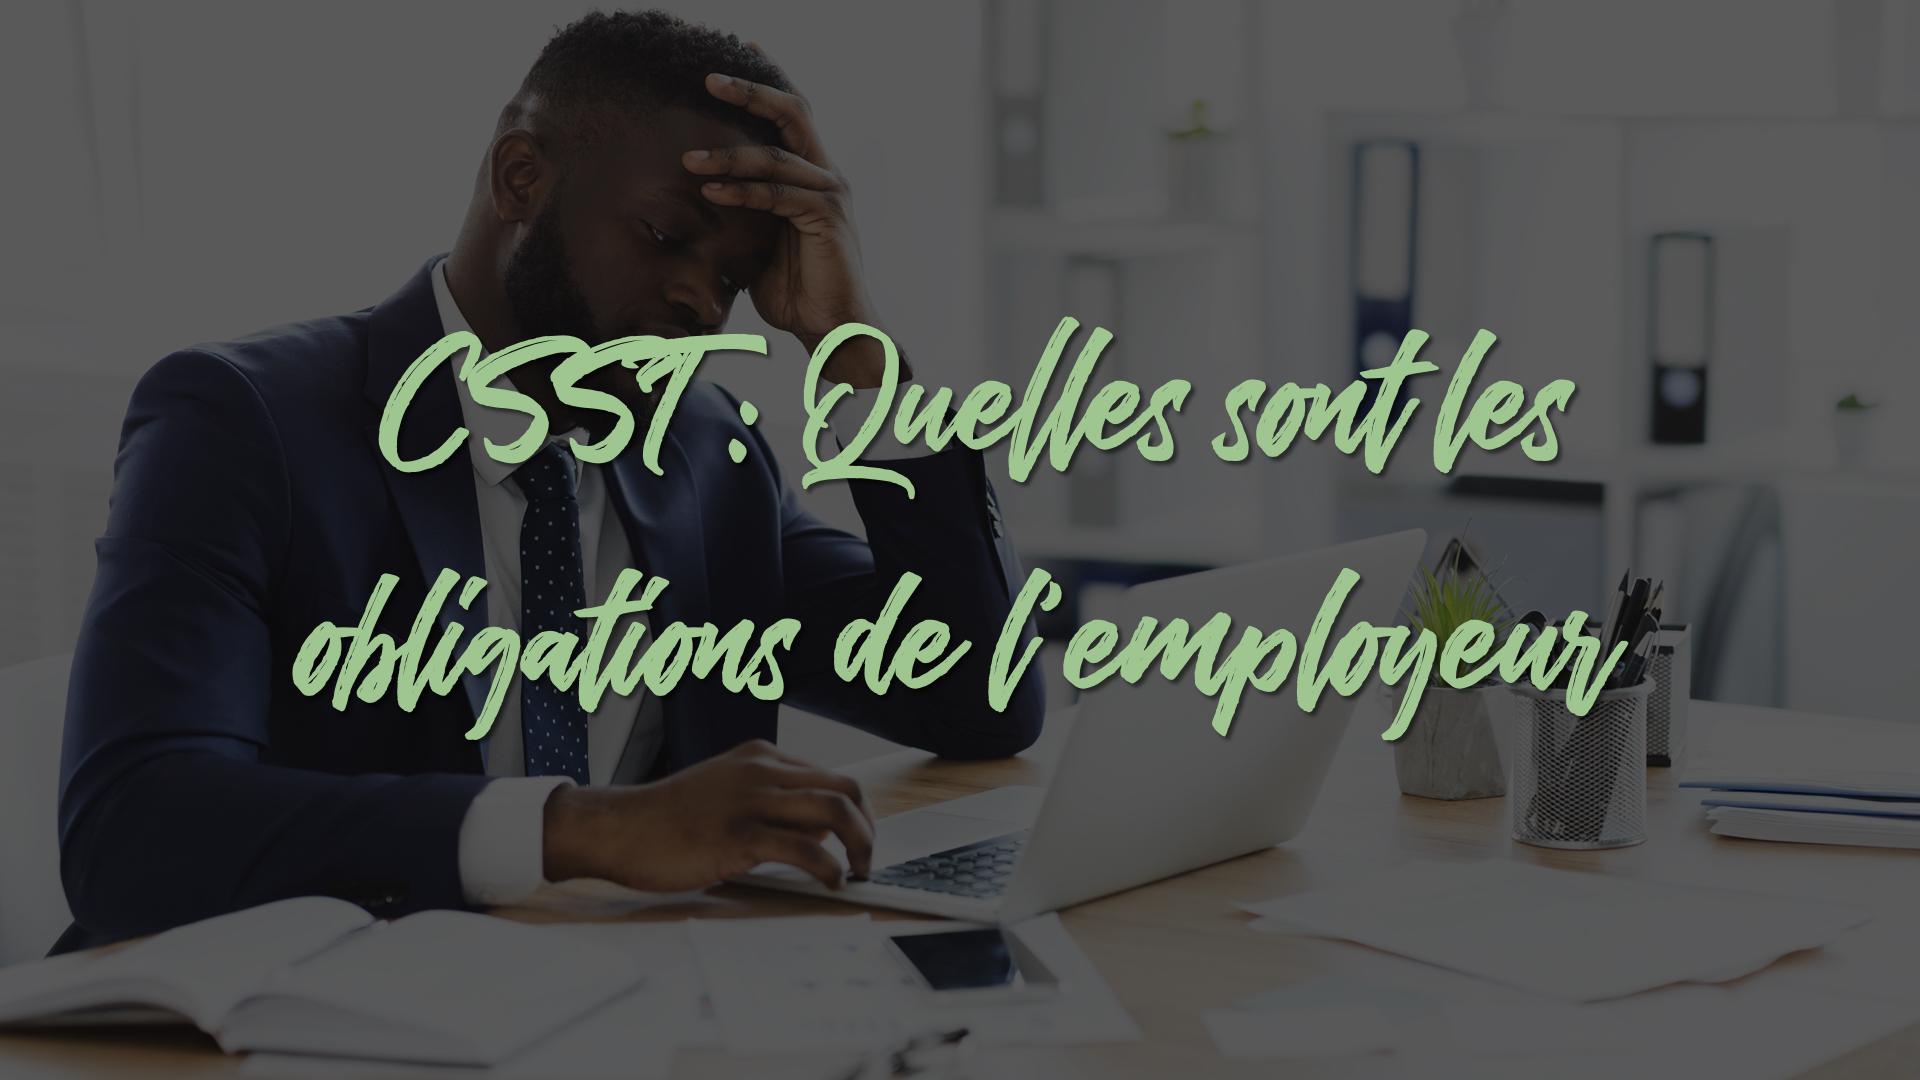 CSST : Obligation de l'employeur